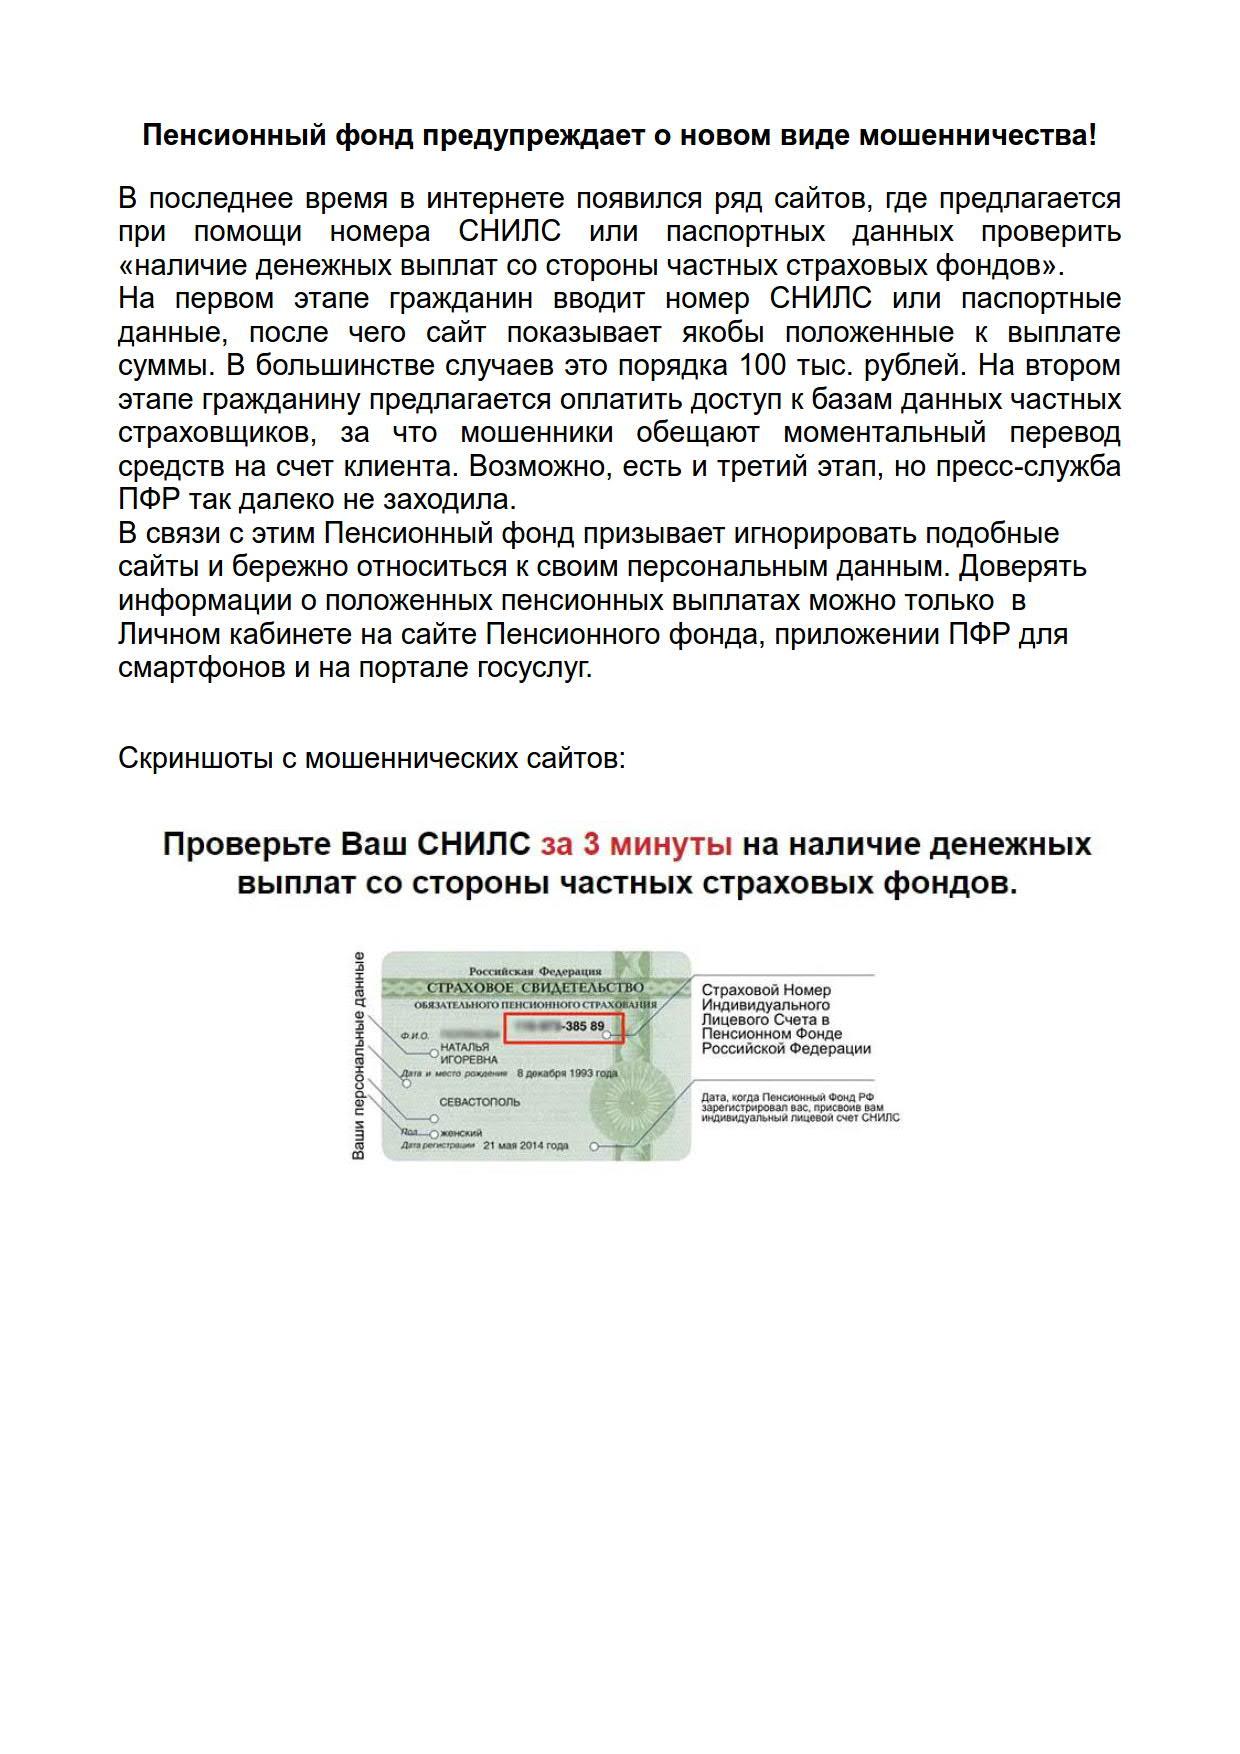 ПФ предупреждает о новом виде мошенничества_1